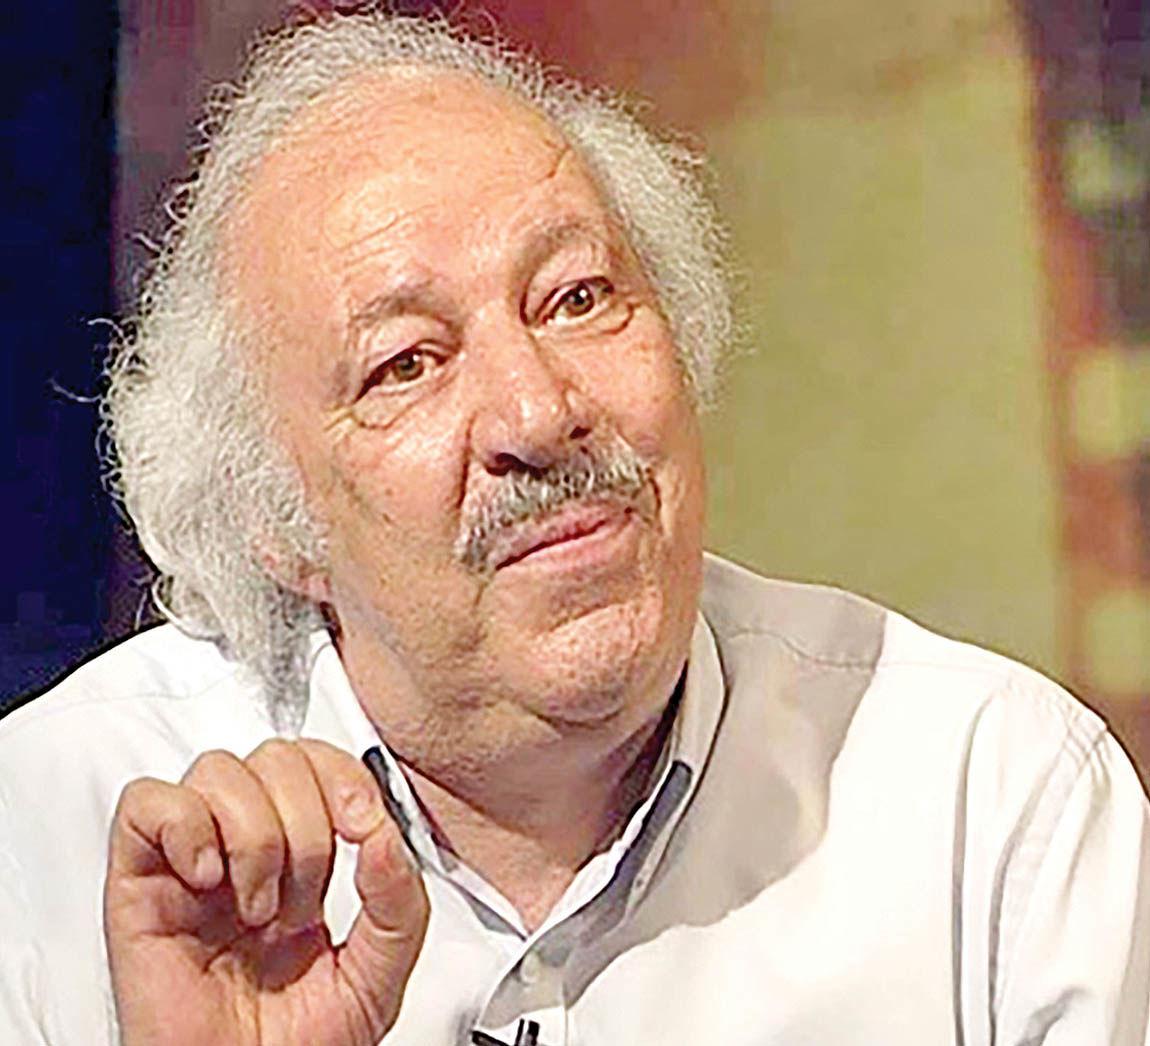 درگذشت کارگردان «آن سوی مه» در 82 سالگی